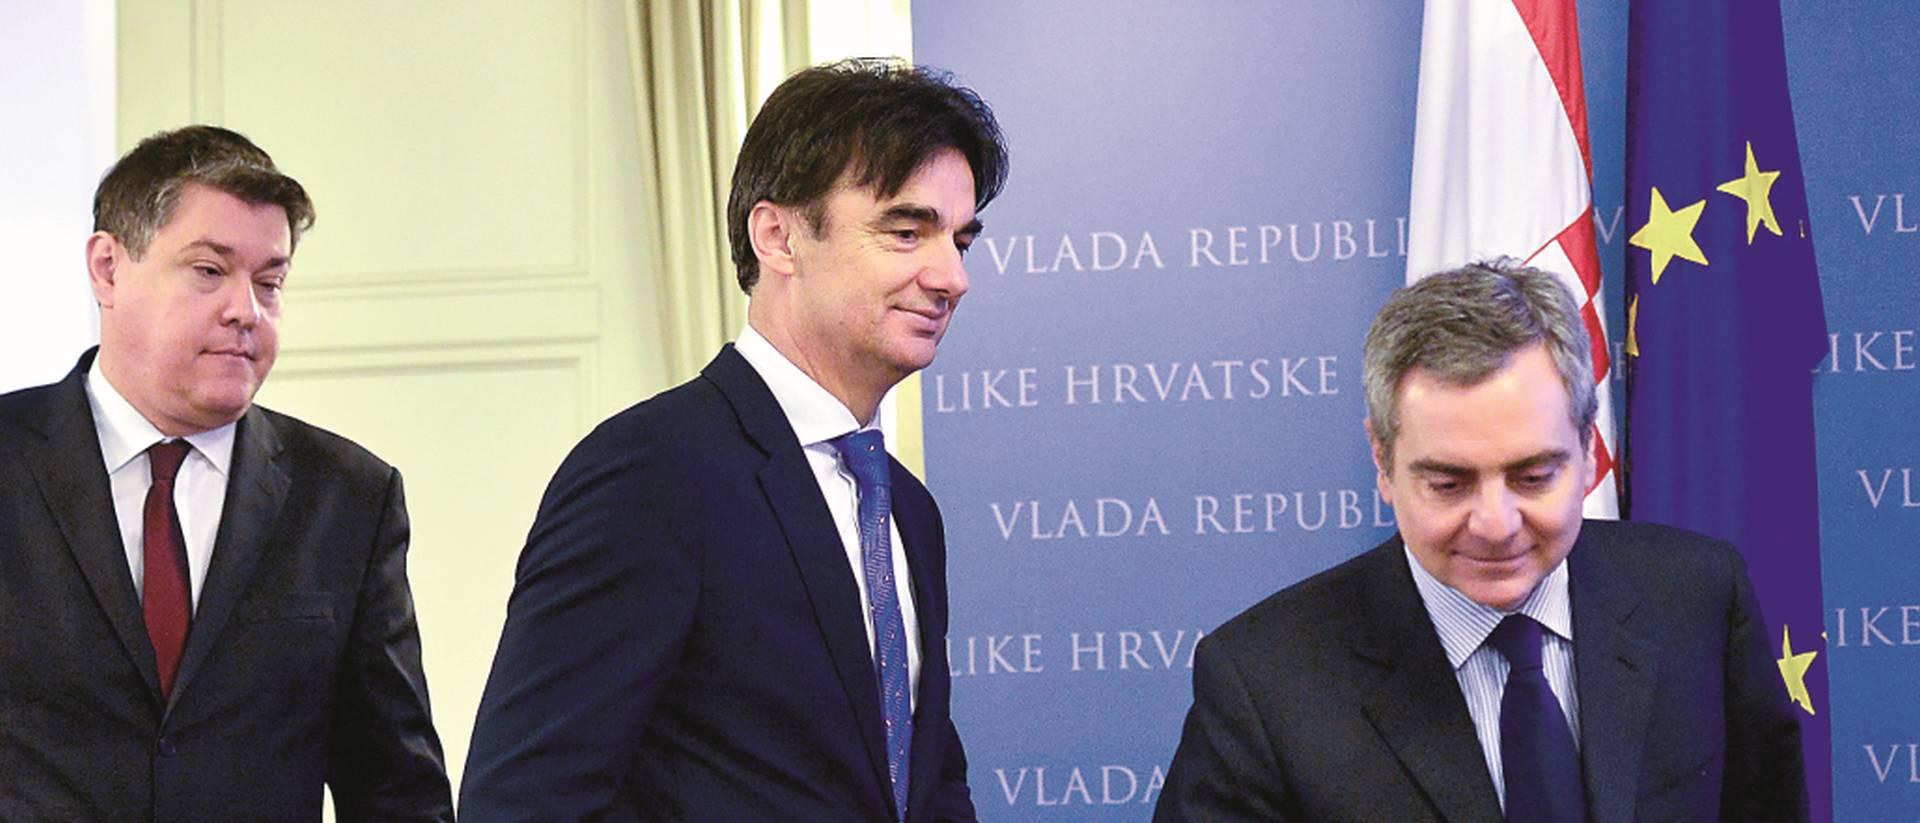 U NOVOM NACIONALU Grčić i Lalovac slomili ministre, ali reforme ostavili budućem sastavu vlade